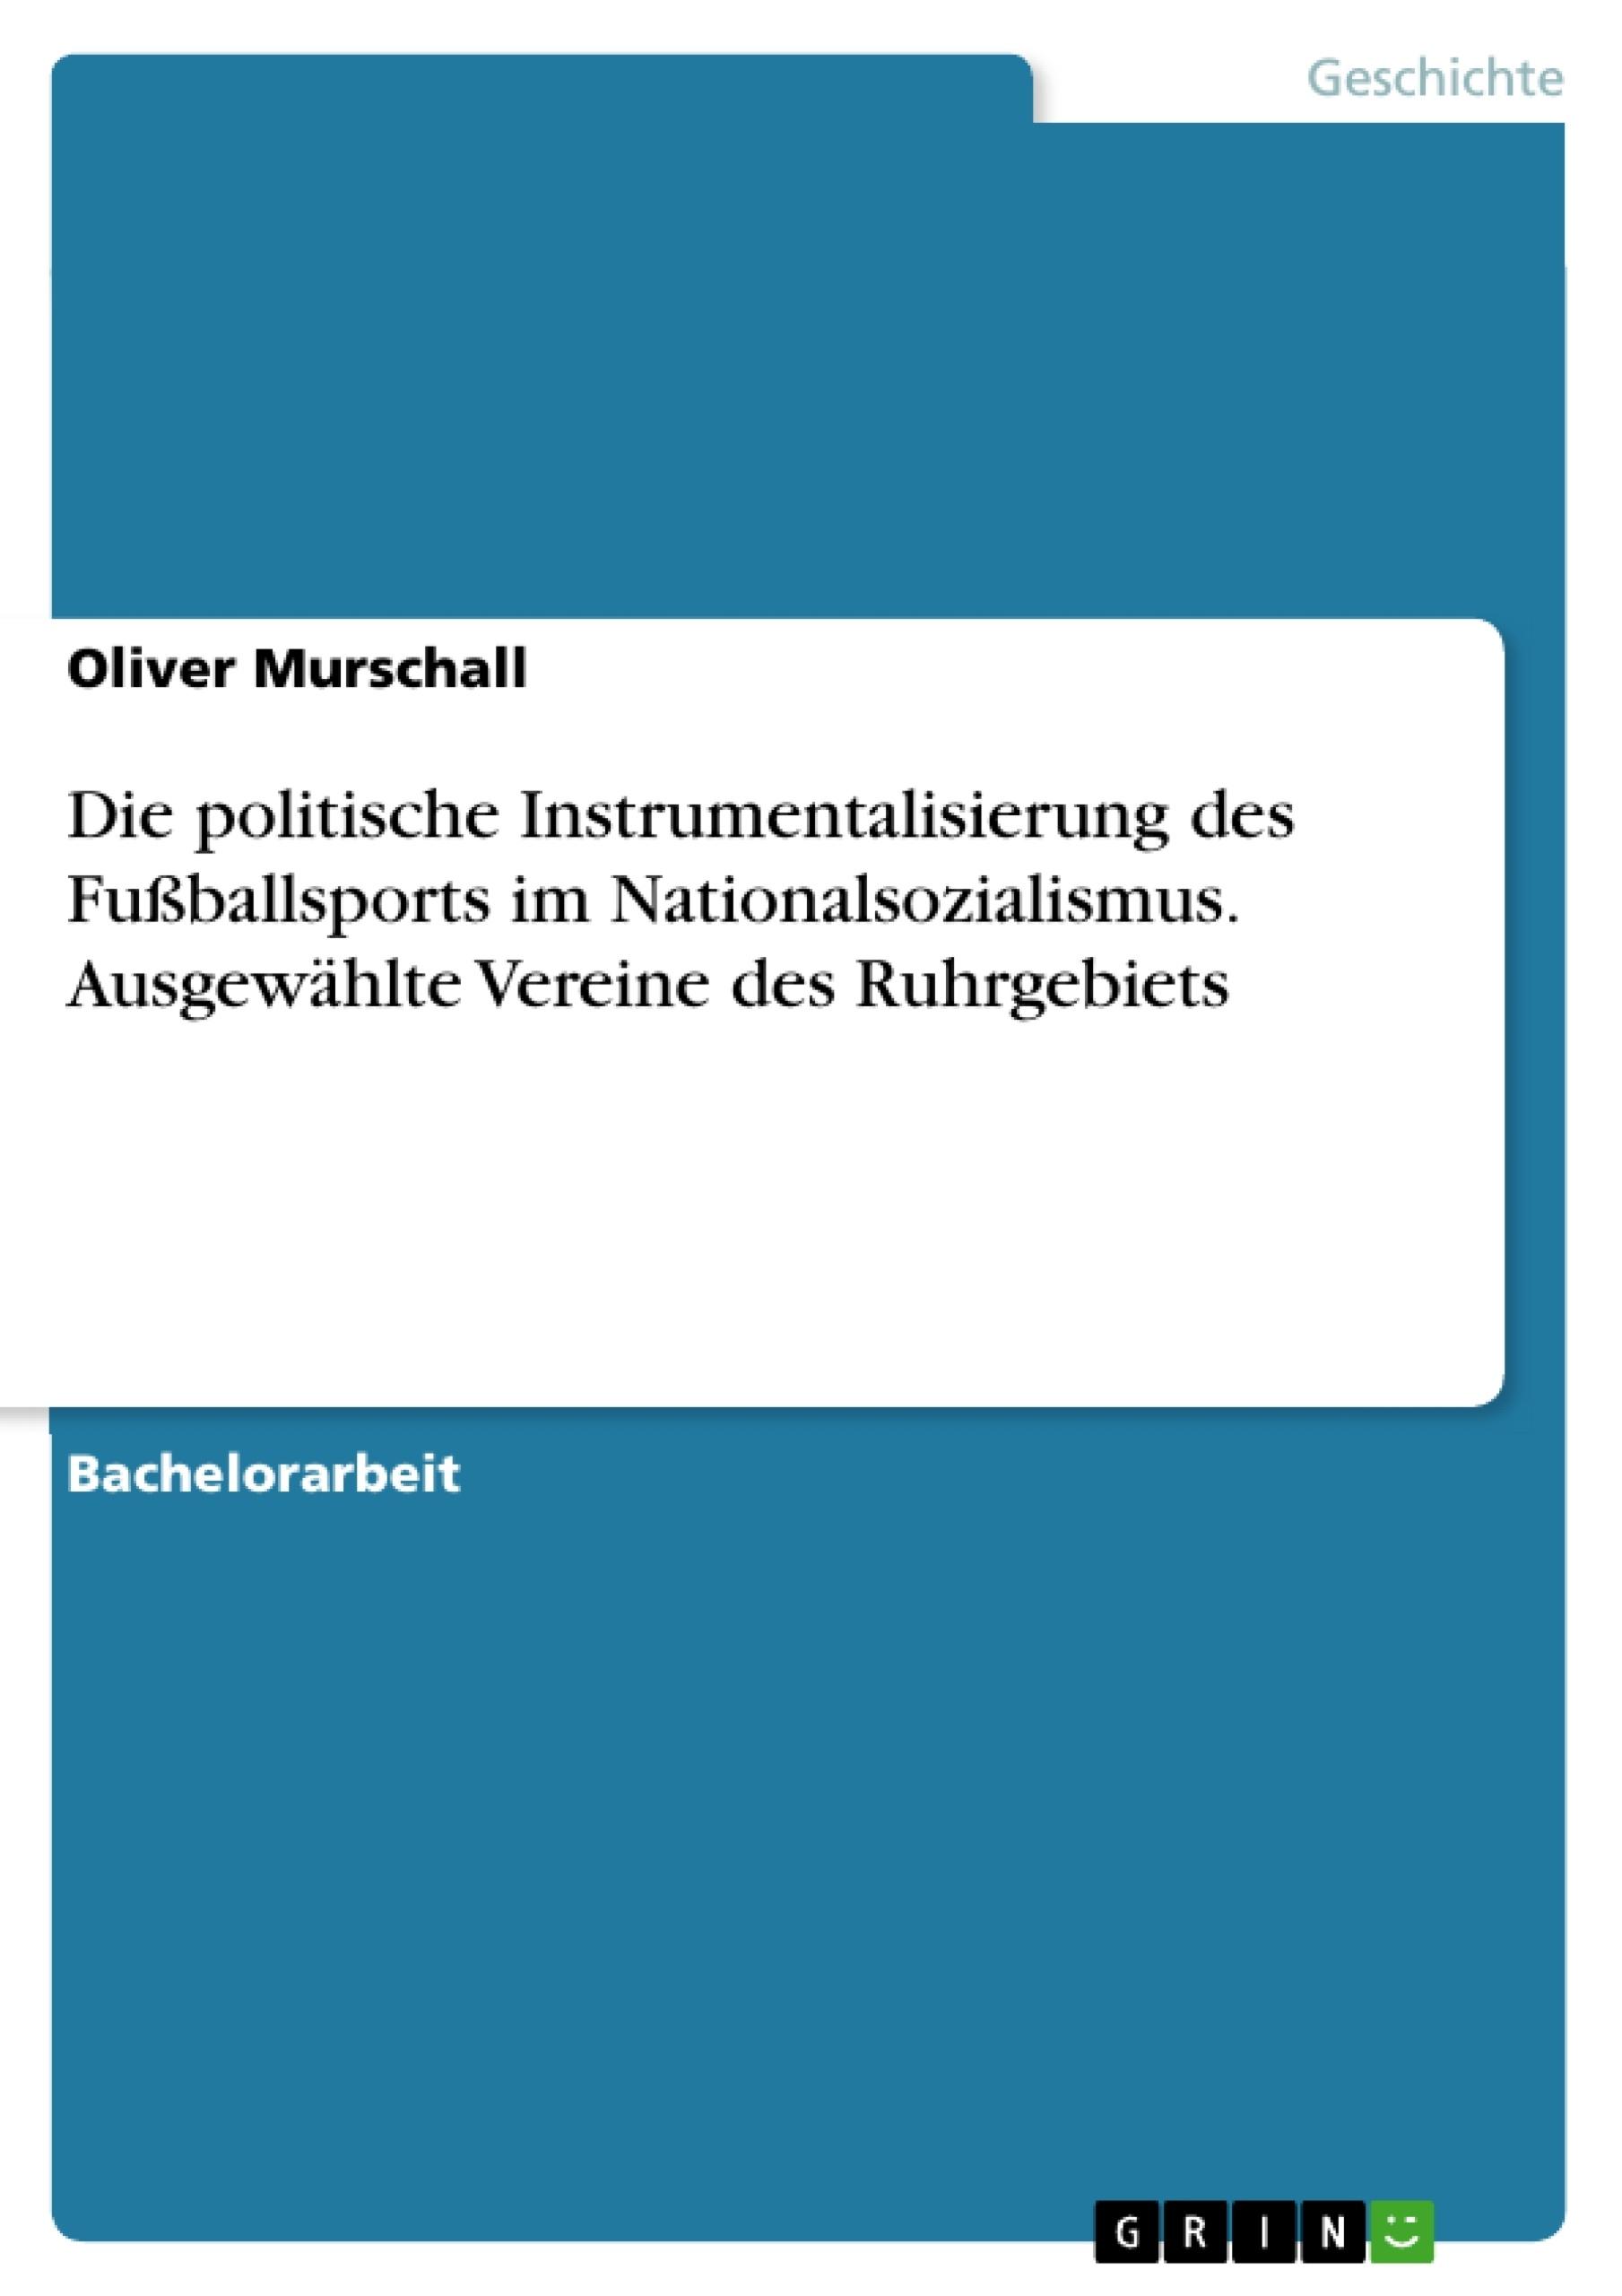 Titel: Die politische Instrumentalisierung des Fußballsports im Nationalsozialismus. Ausgewählte Vereine des Ruhrgebiets